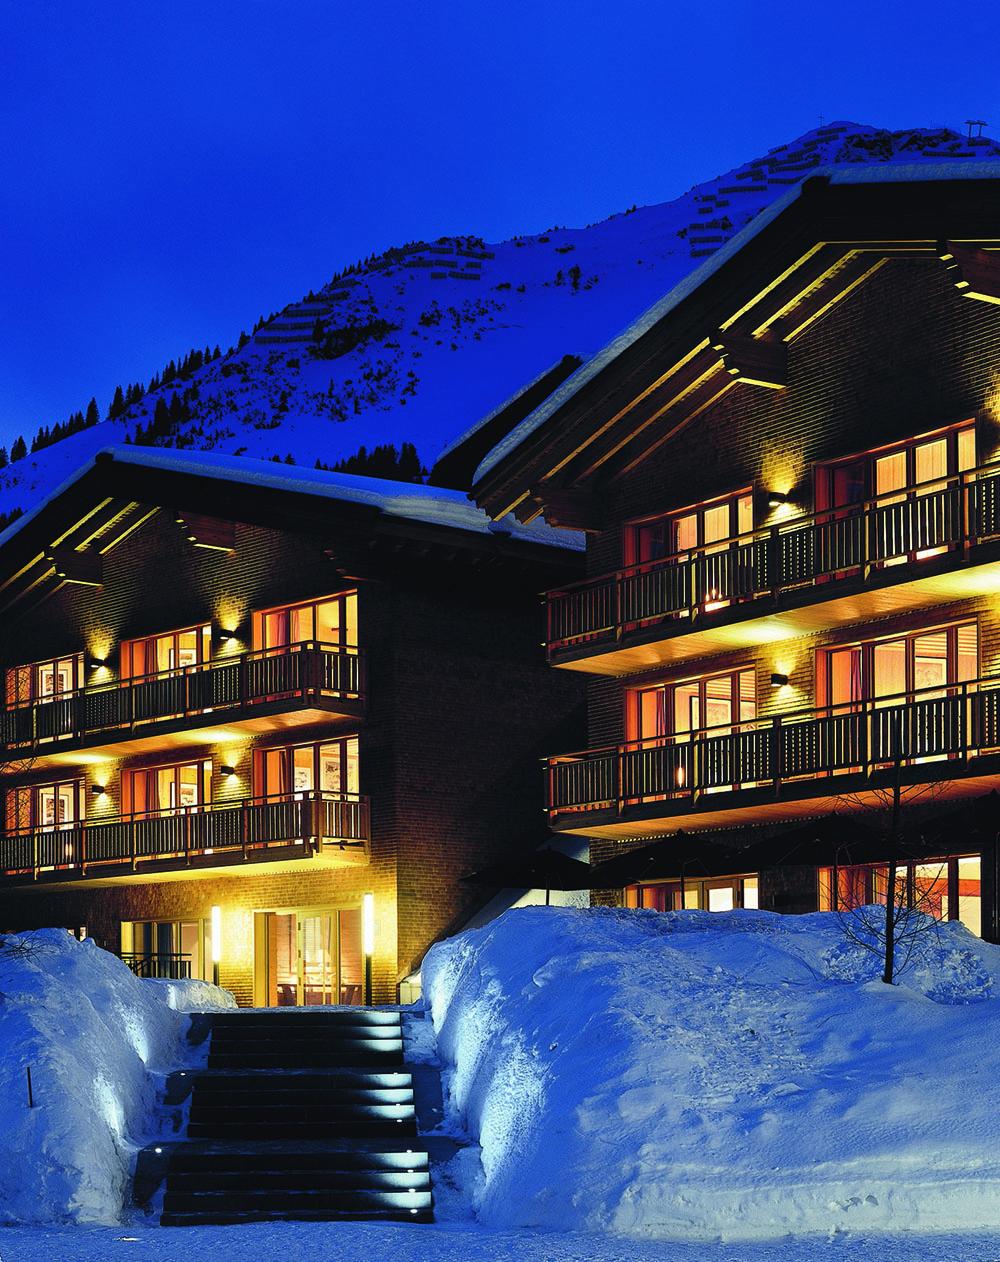 Alpine dreams: Hotel Aurelio in Lech, Austria 18